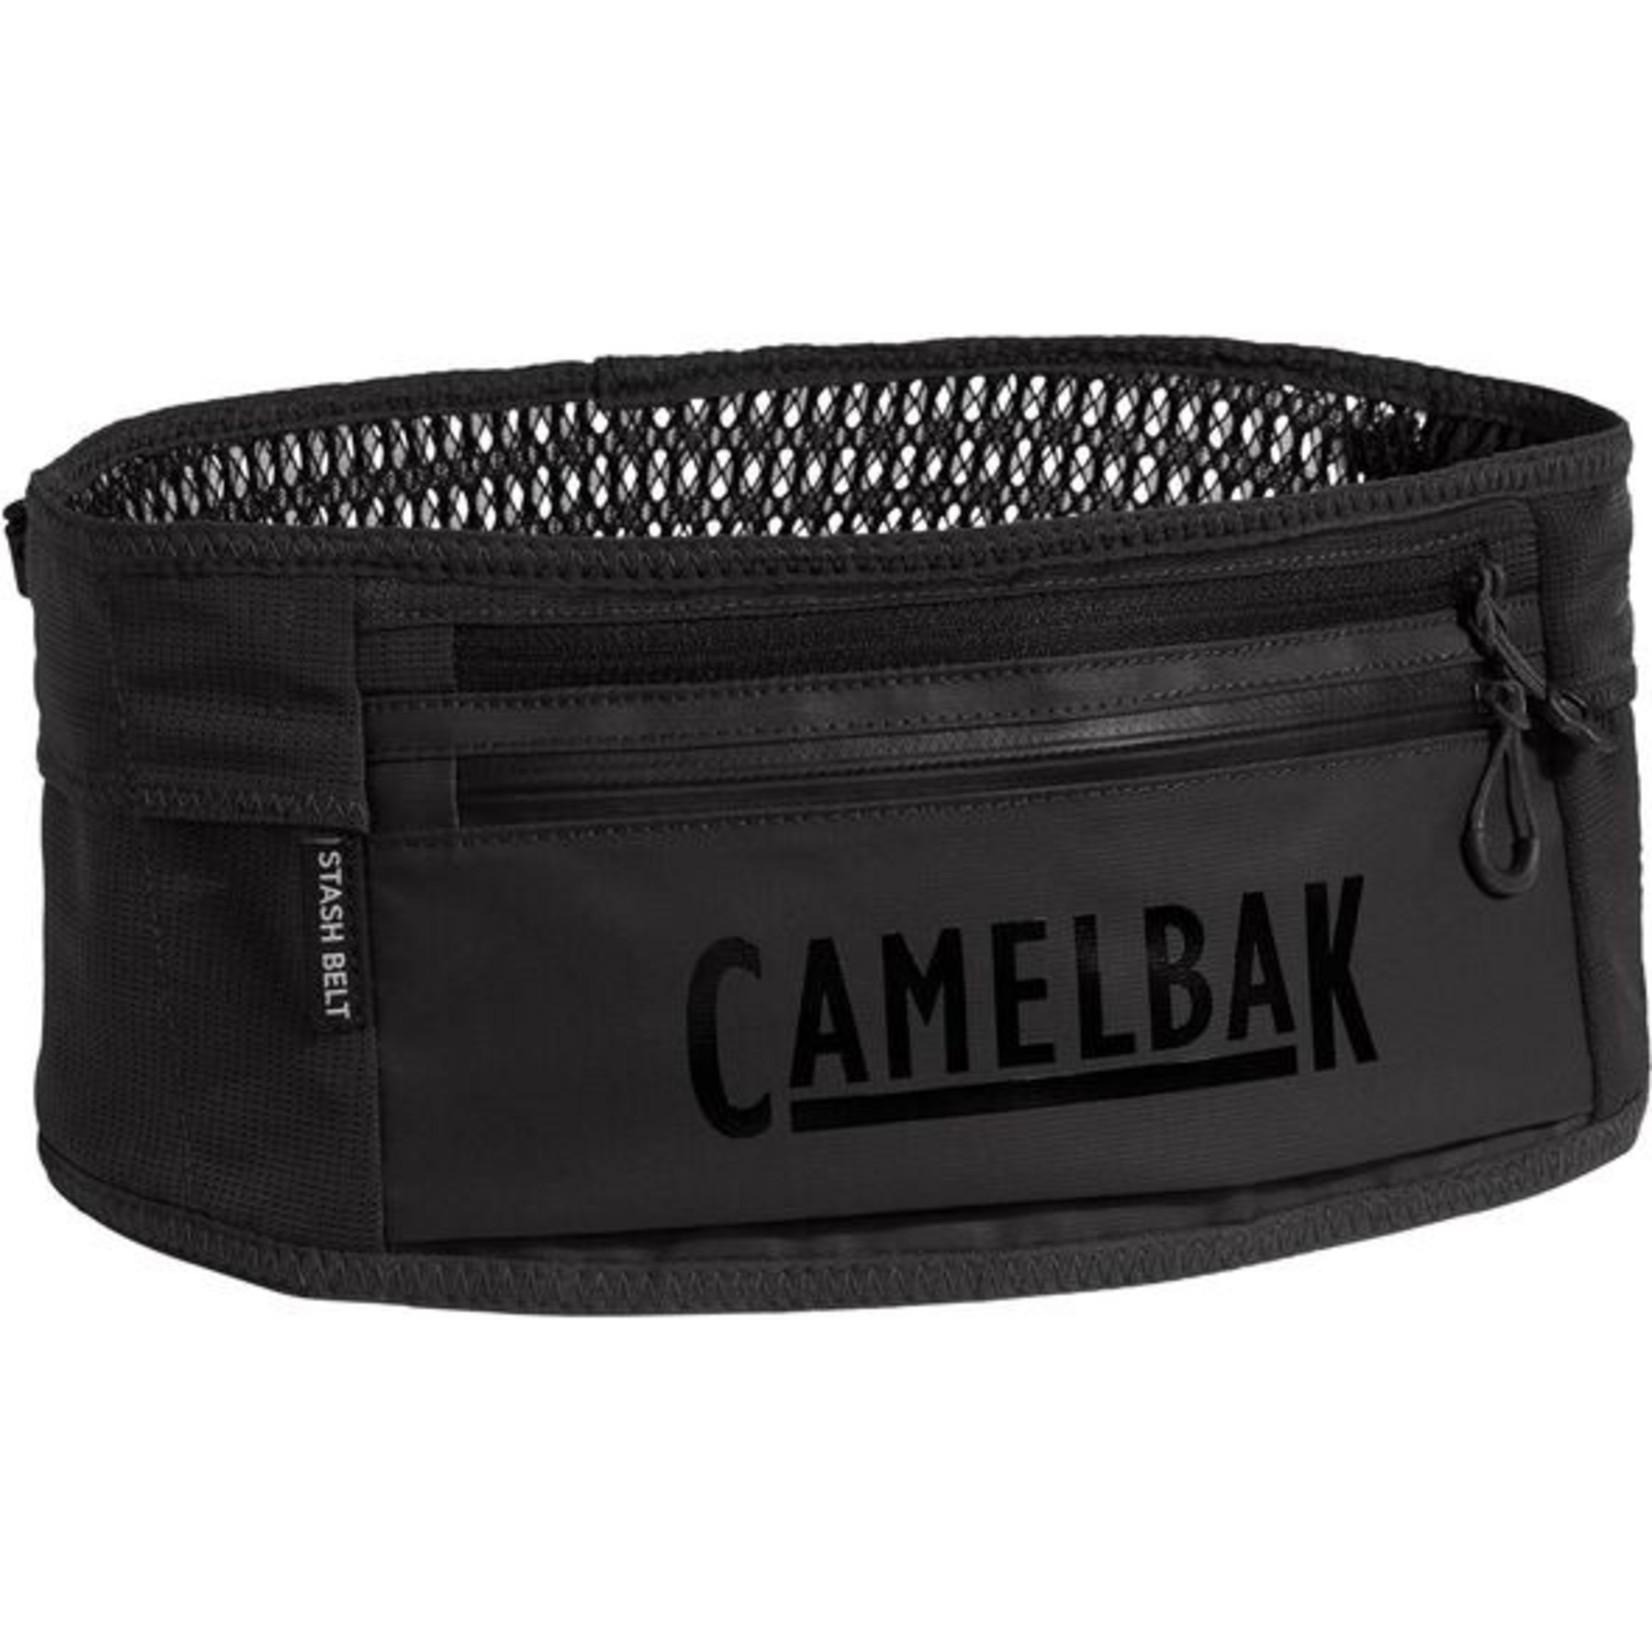 CAMELBAK Camelbak Stash Belt (Large)